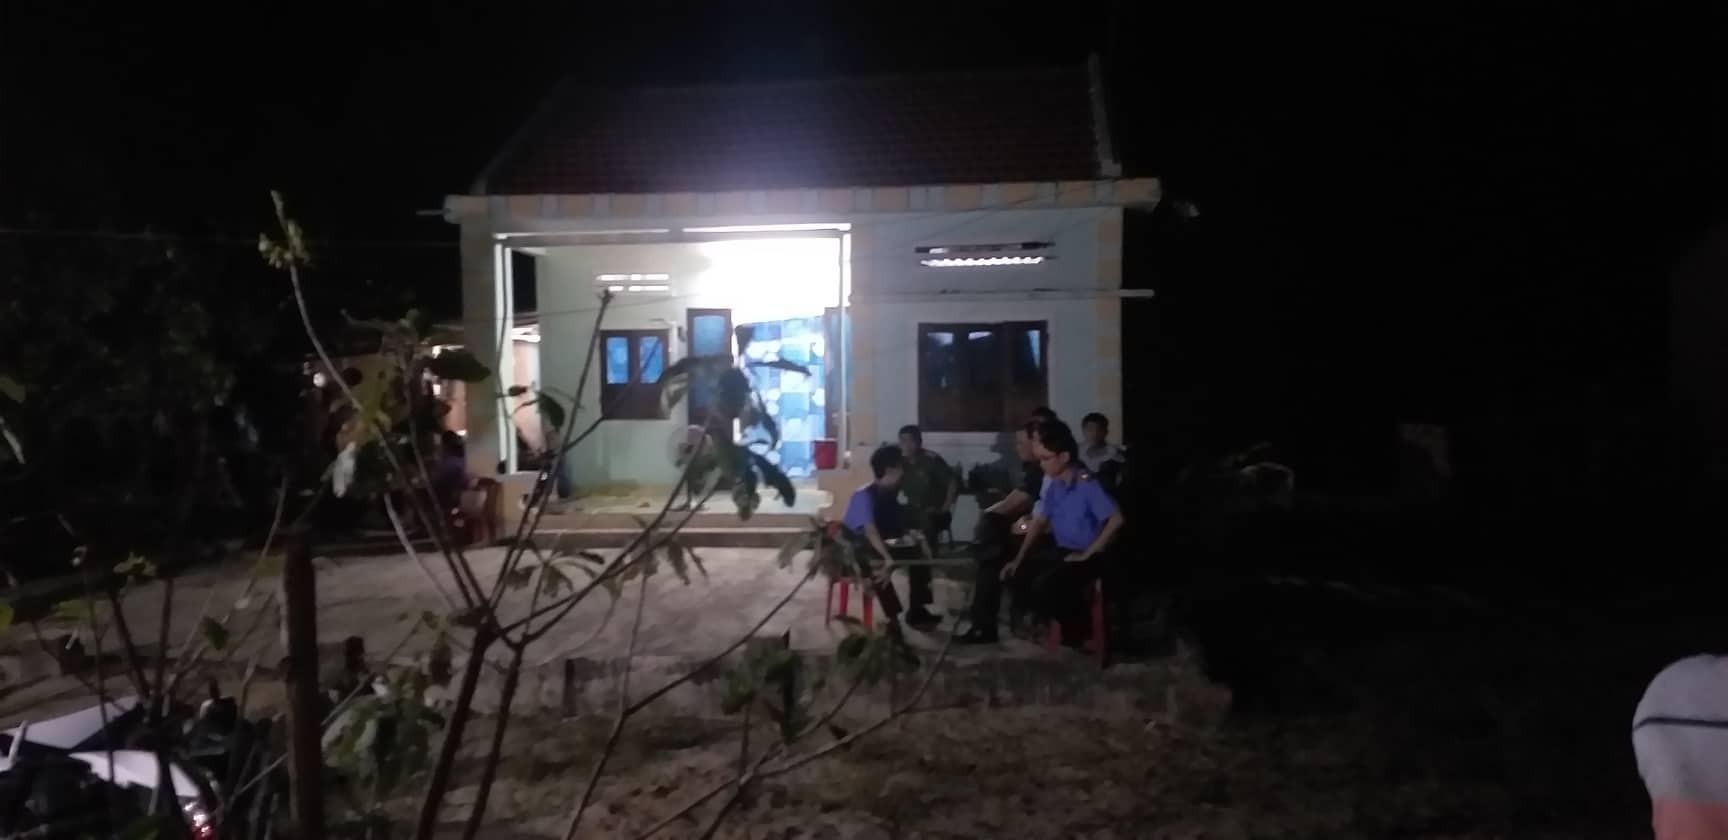 Nóng: Cha tử vong, 2 con nguy kịch vì bị nhóm thanh niên đến tận nhà truy sát kinh hoàng - Ảnh 2